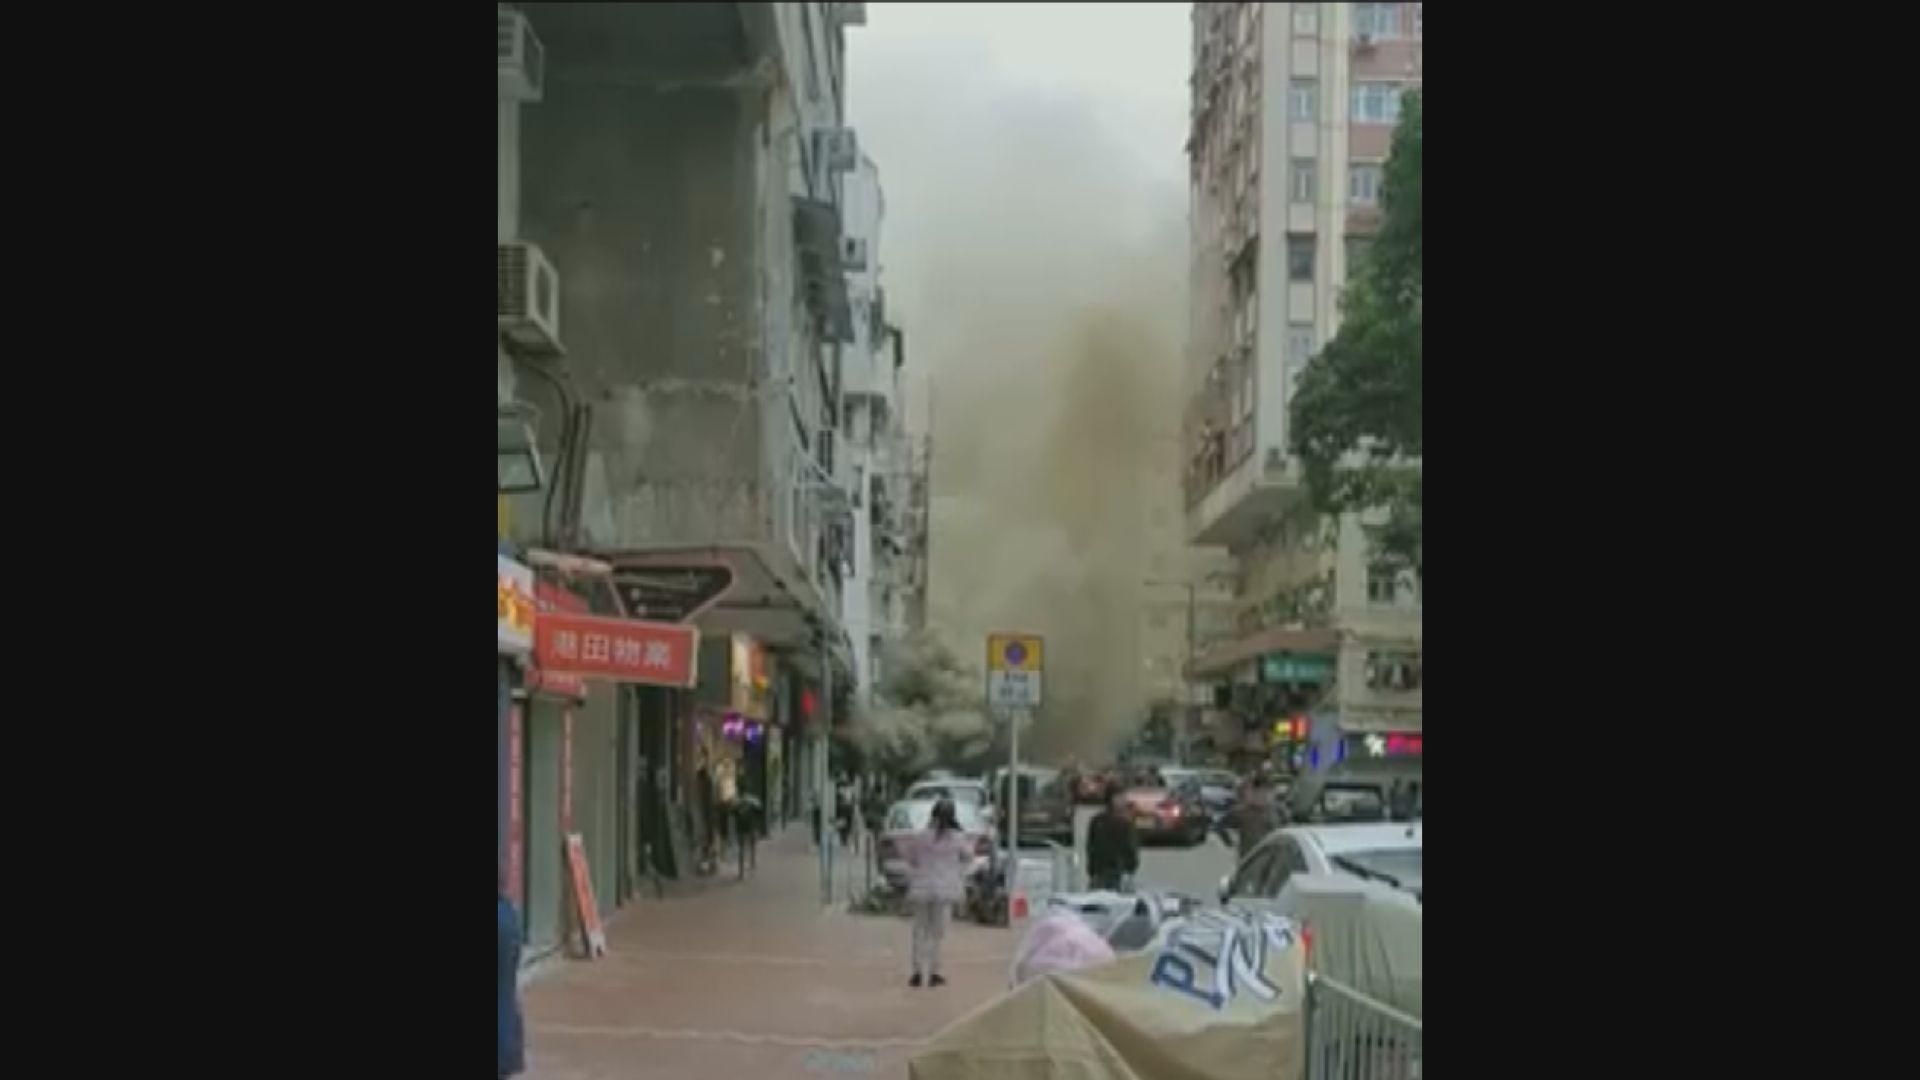 深水埗裝修中店舖起火 四人受傷送院